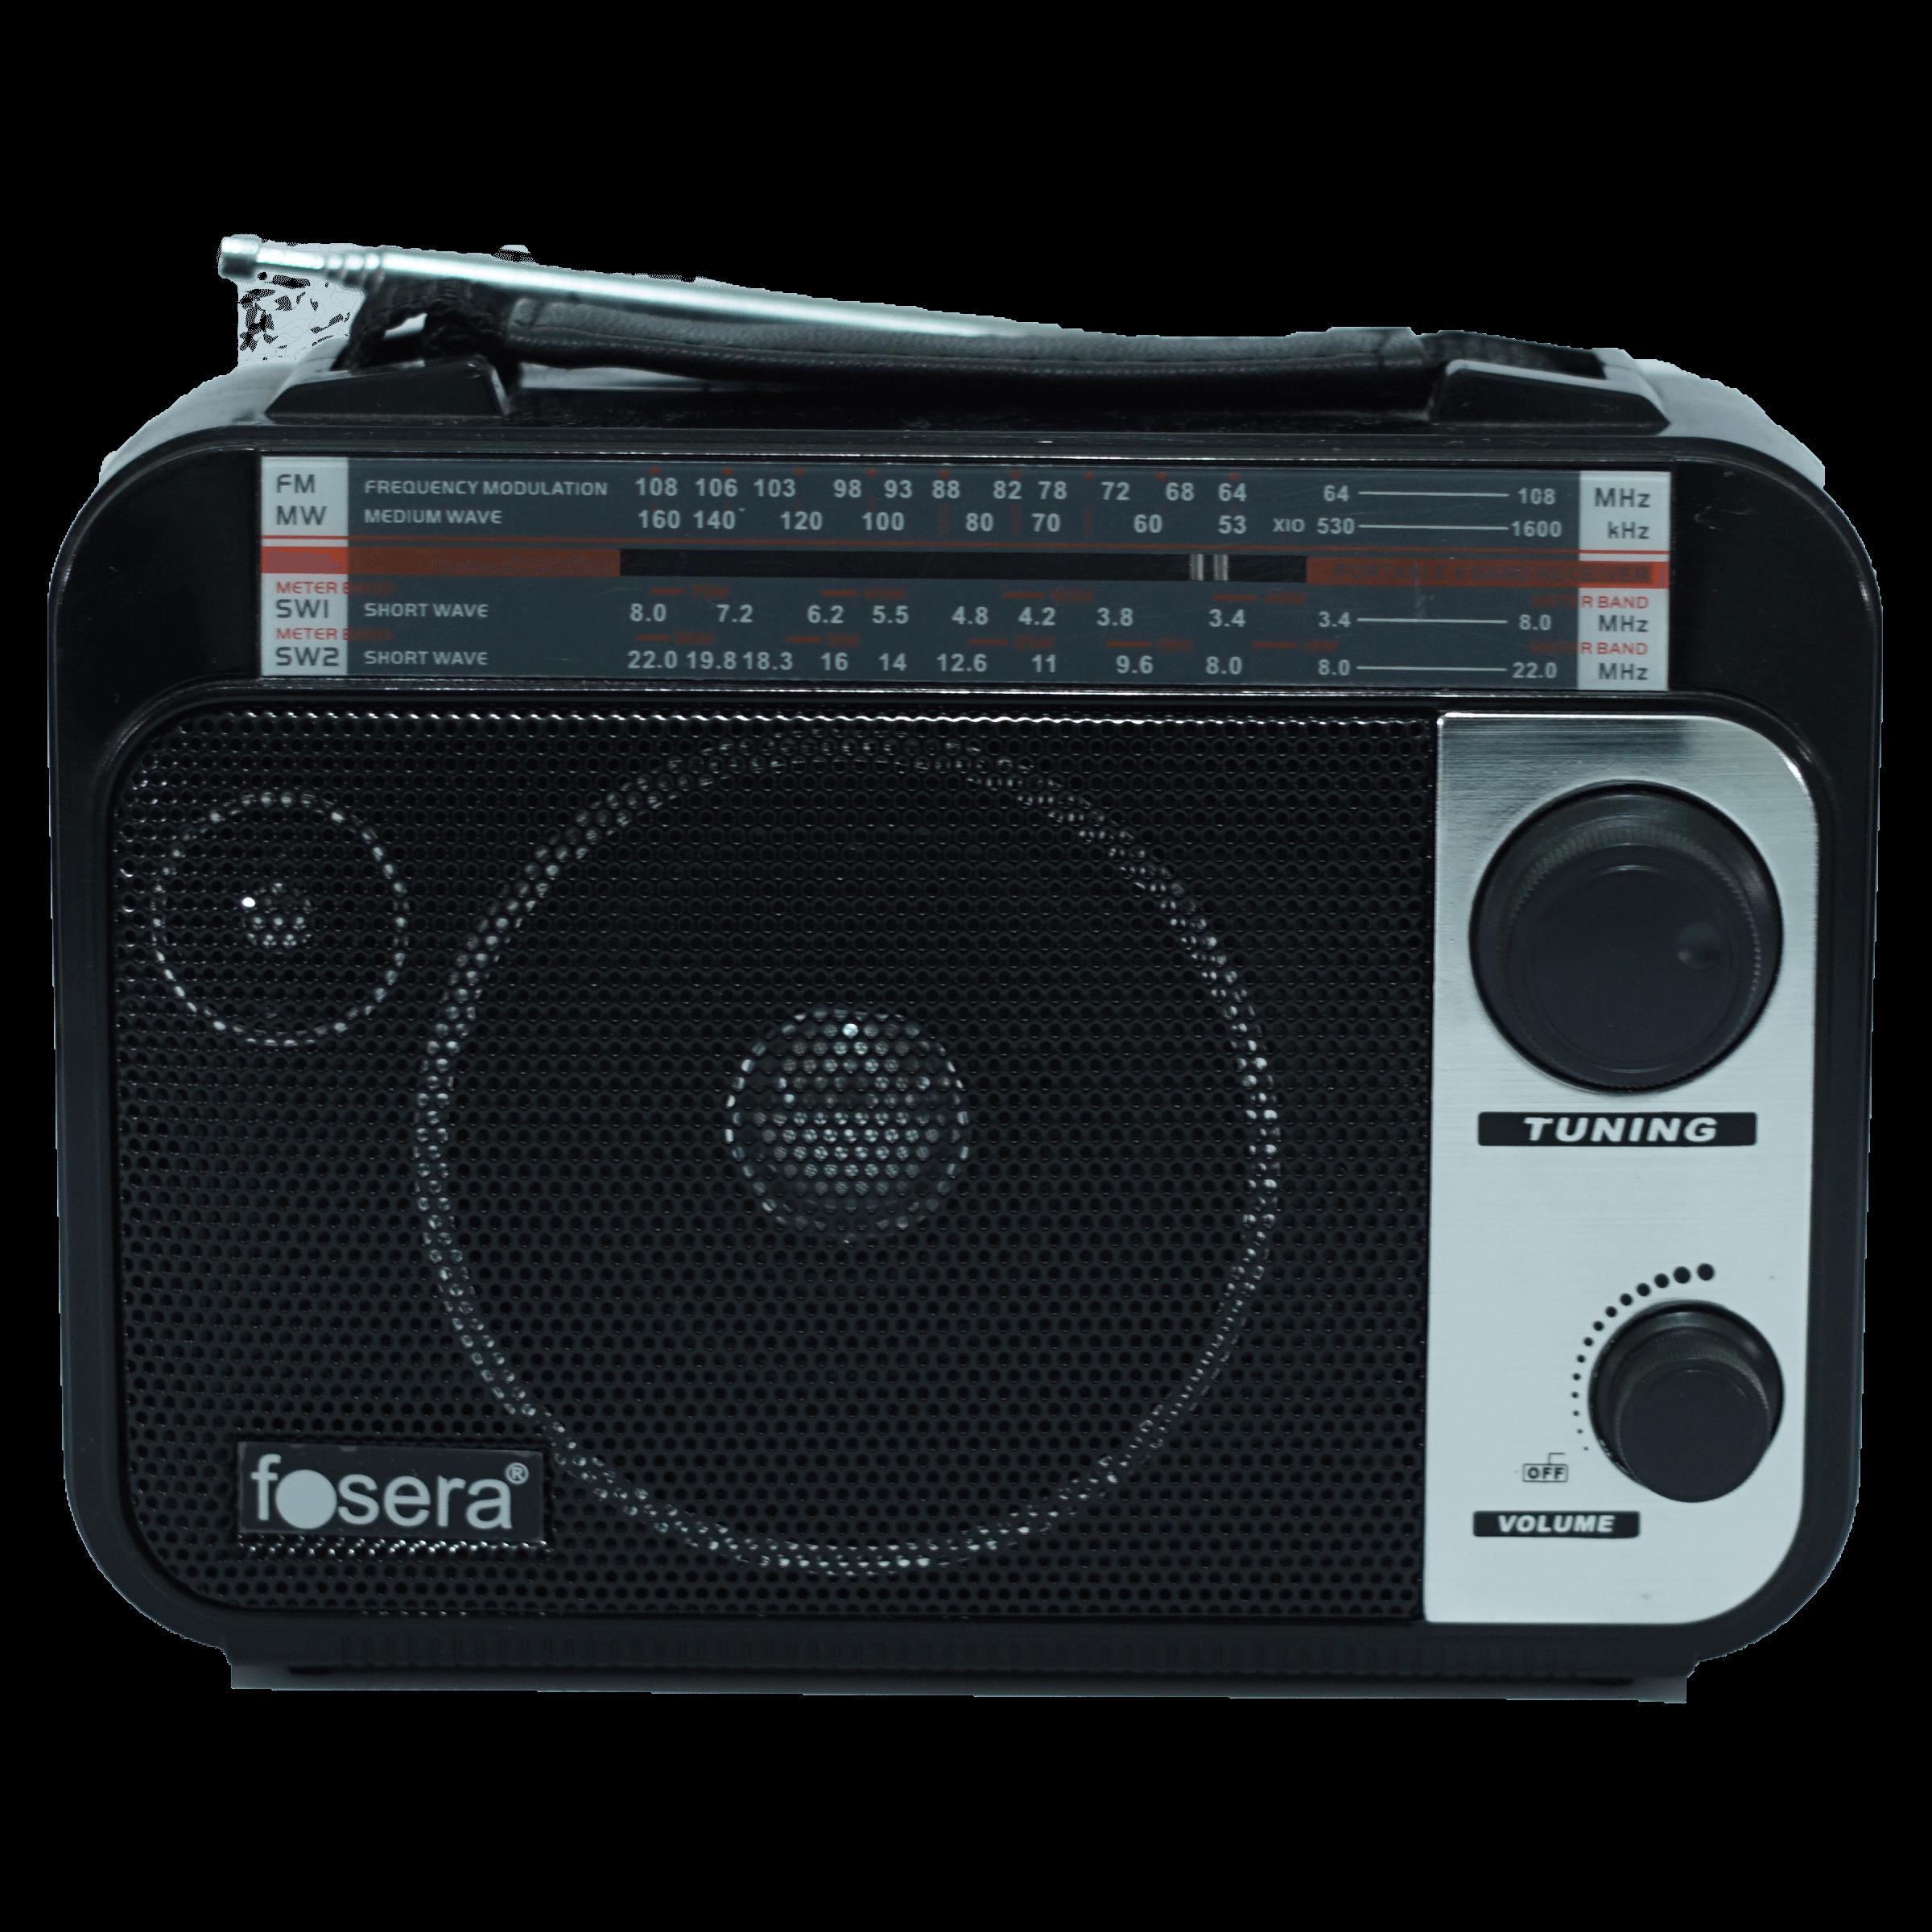 Radio Fosera